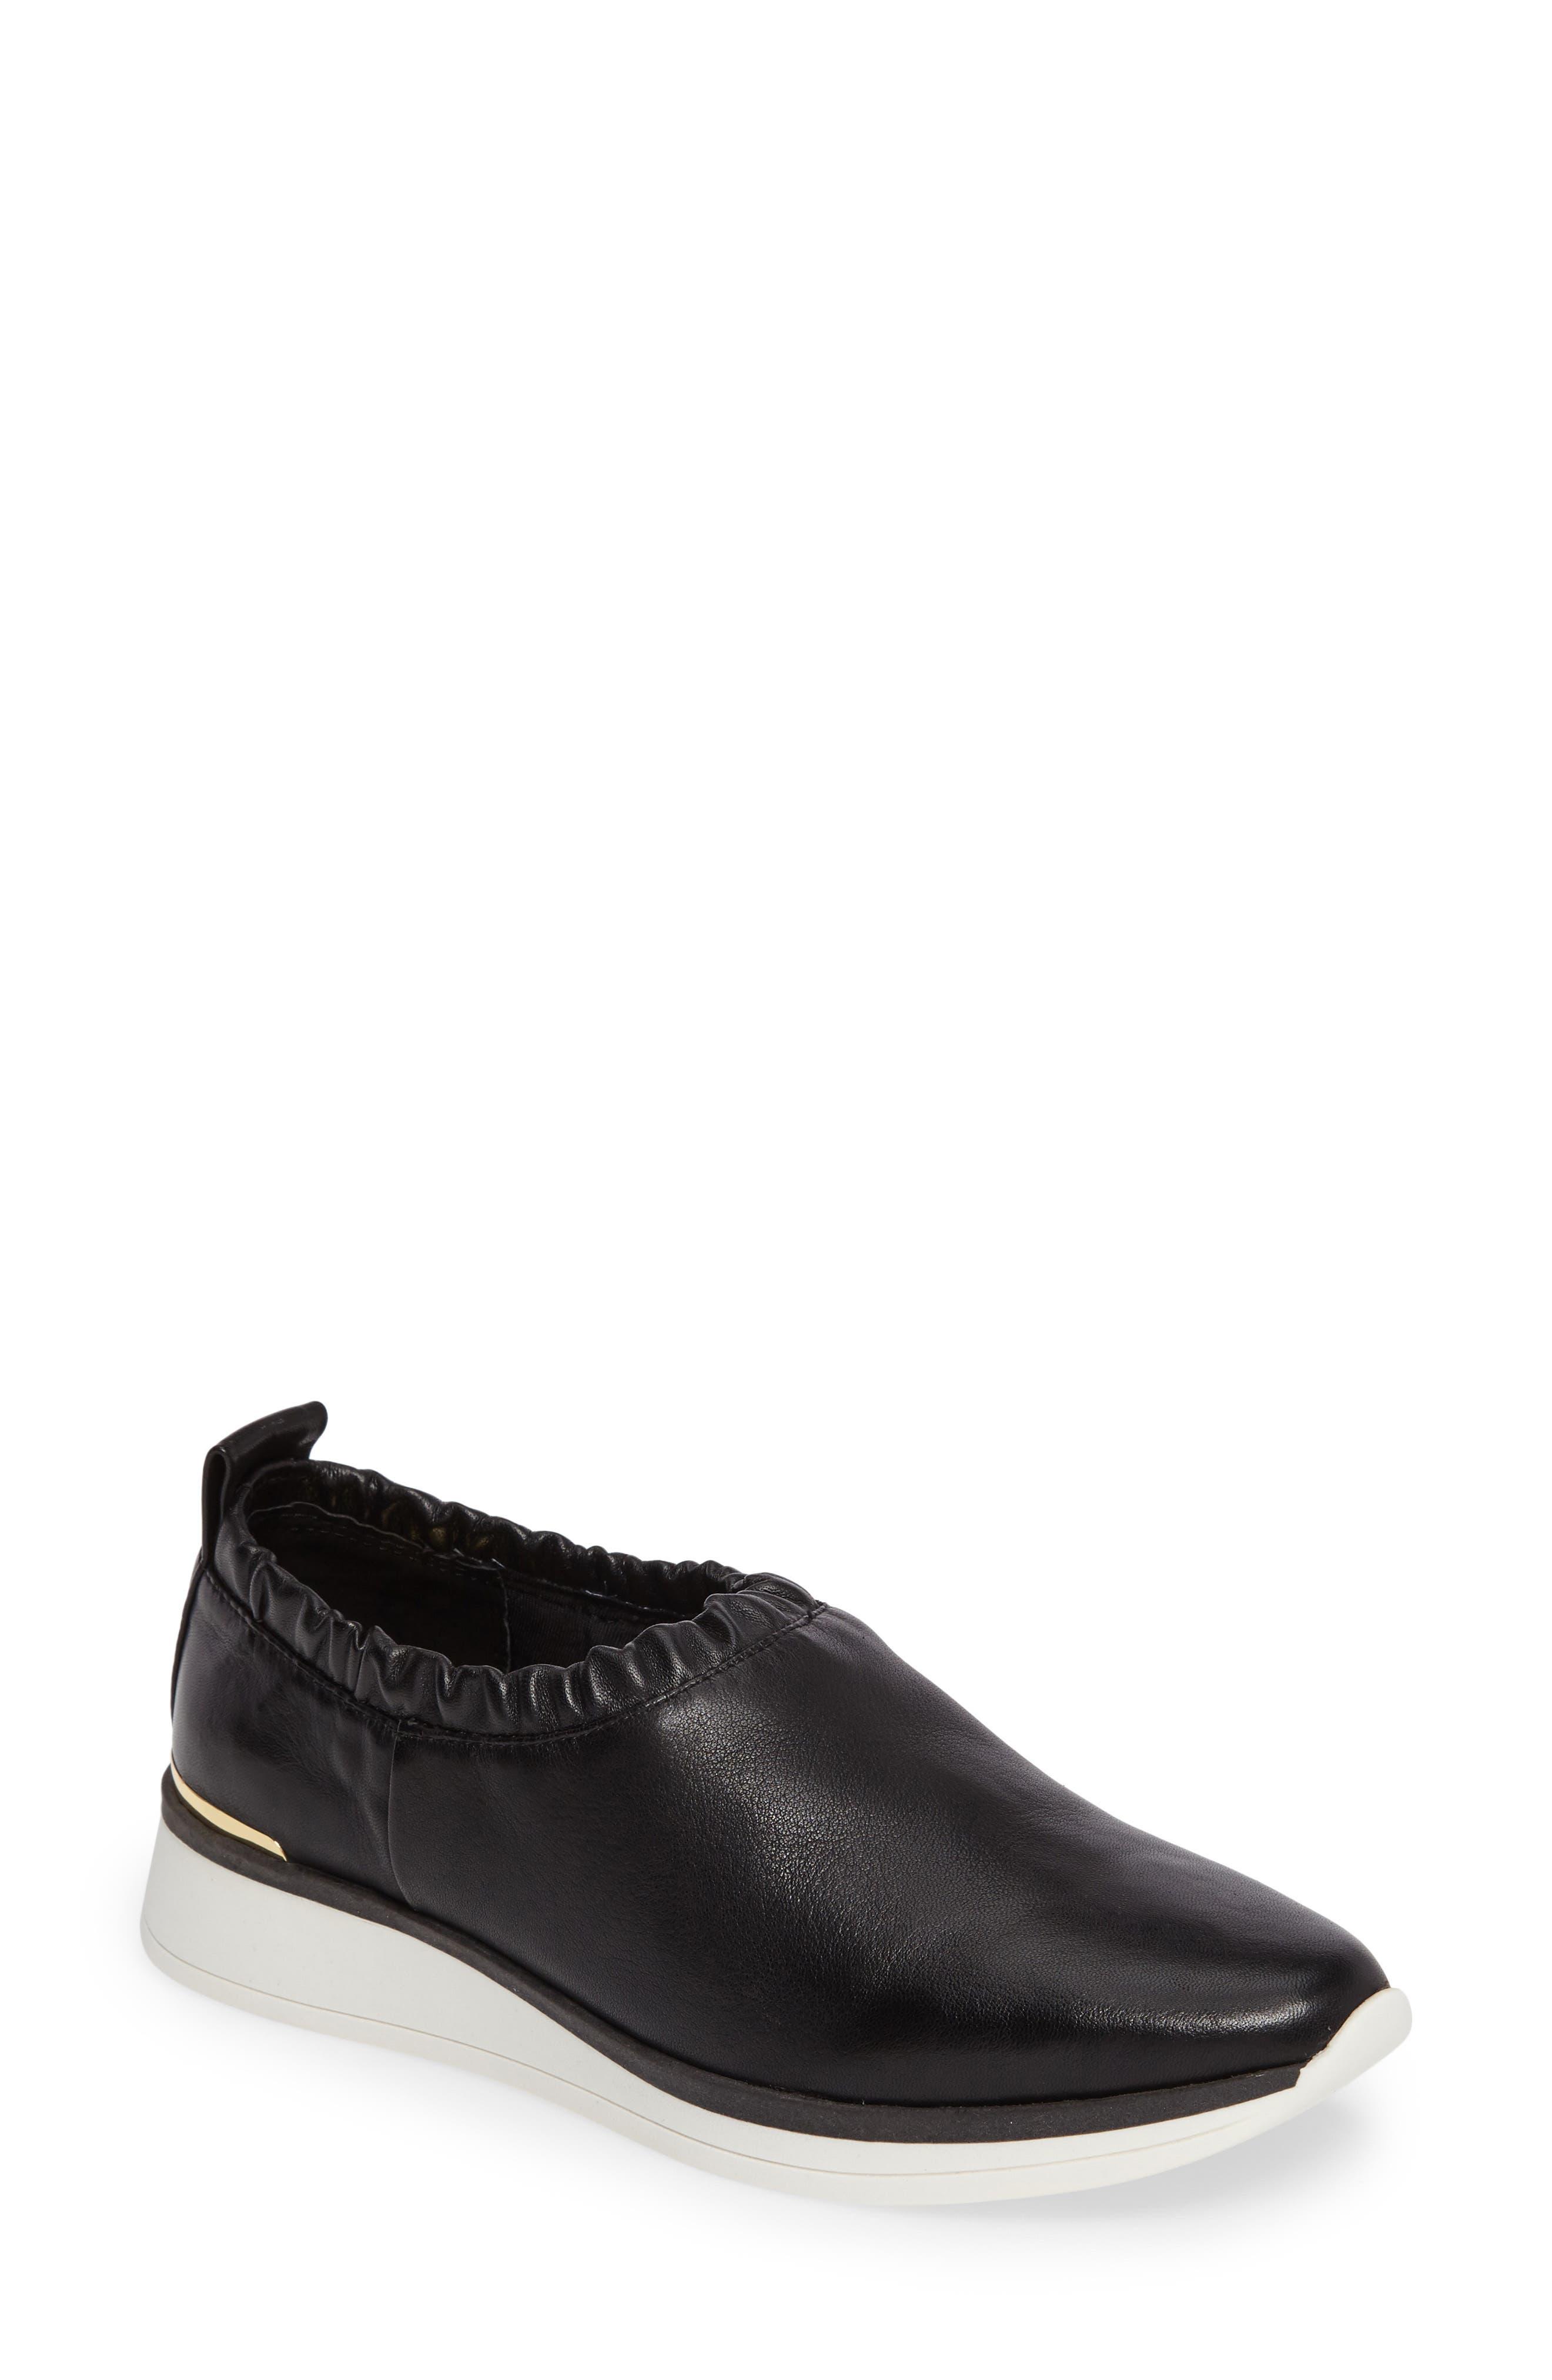 Brogen Slip-On Sneaker,                             Main thumbnail 1, color,                             Black Leather